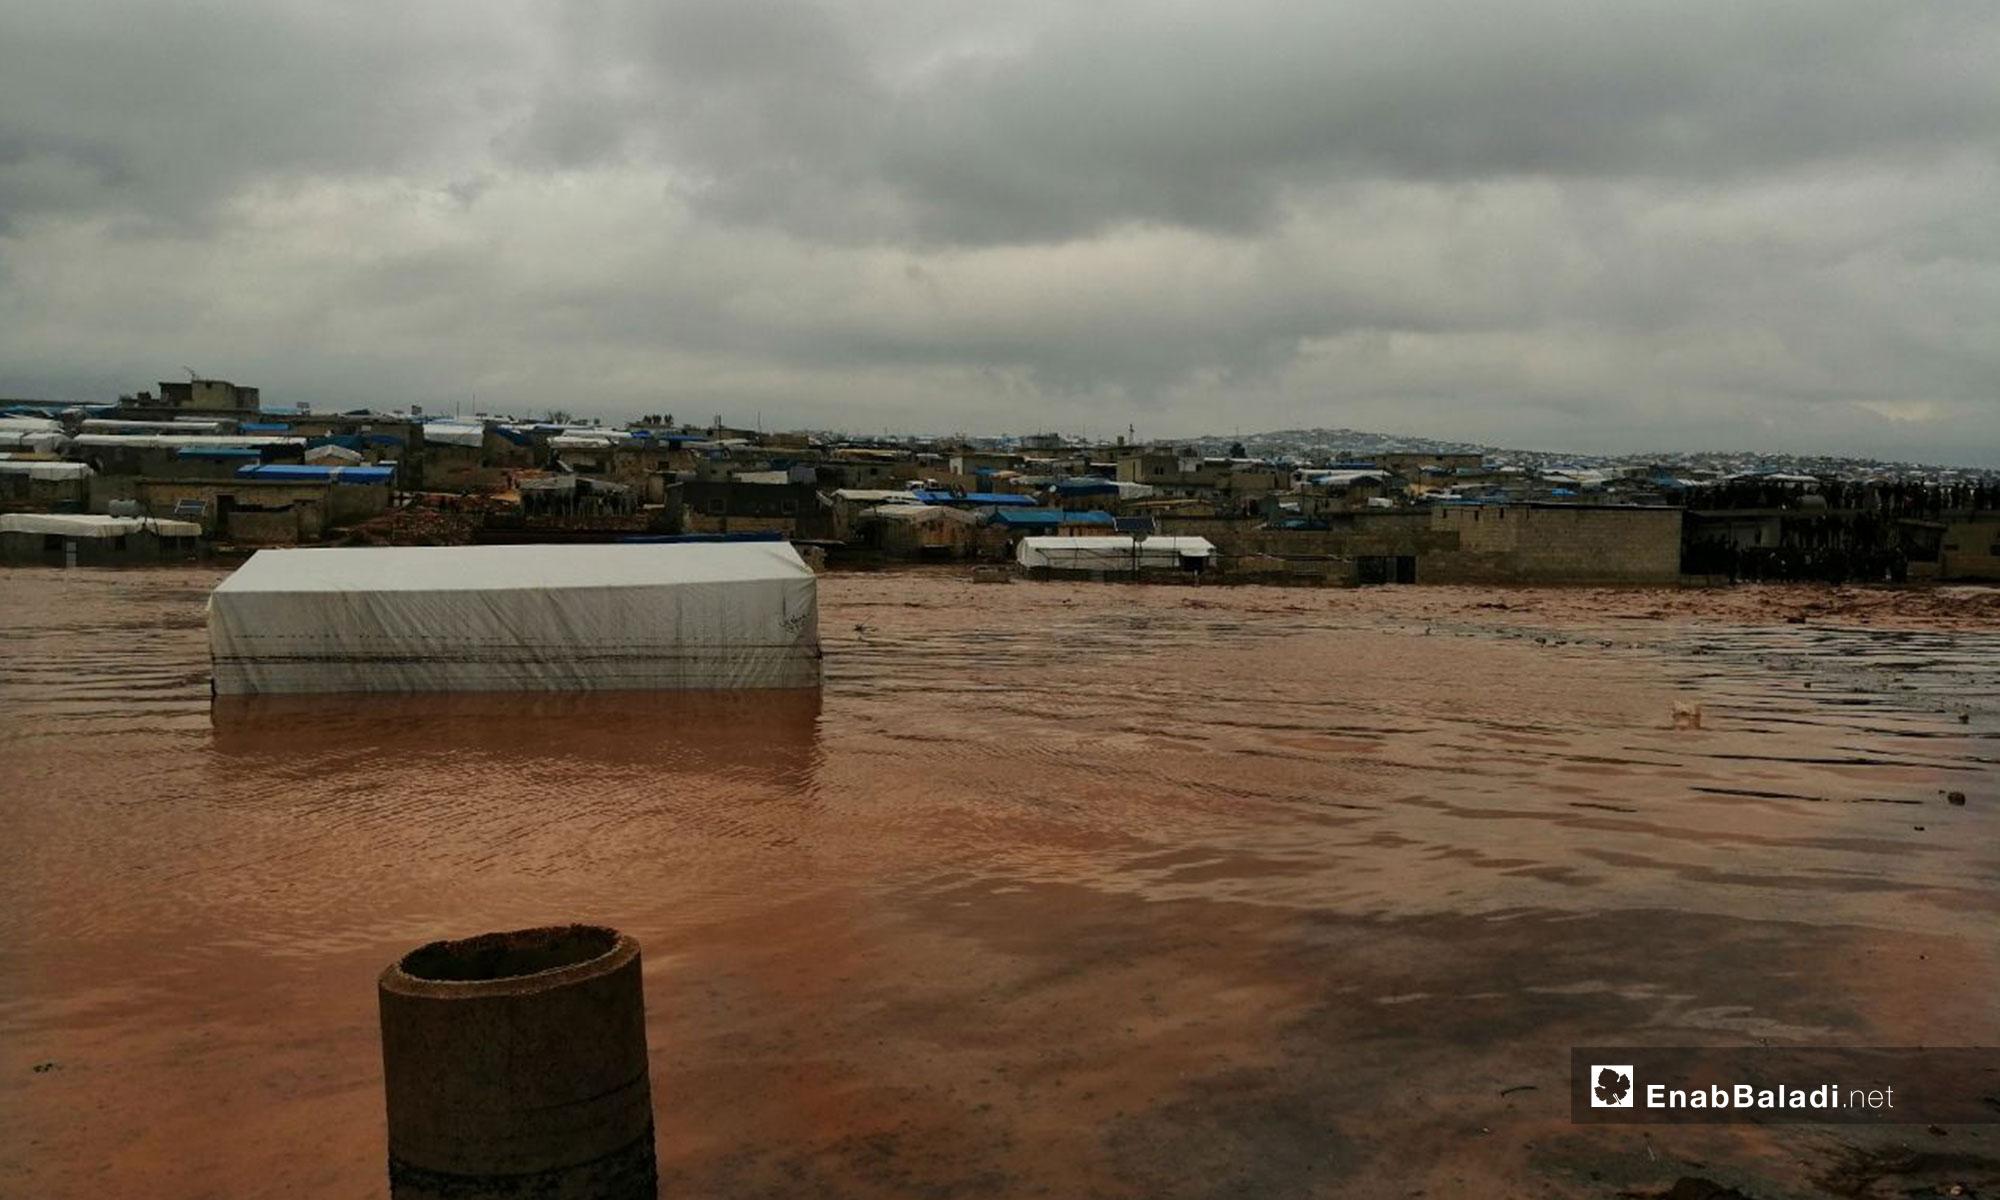 عاصفة مطرية تغرق الخيم في مخيمات أطمة بريف إدلب - 27 من كانون الأول 2018 (عنب بلدي)